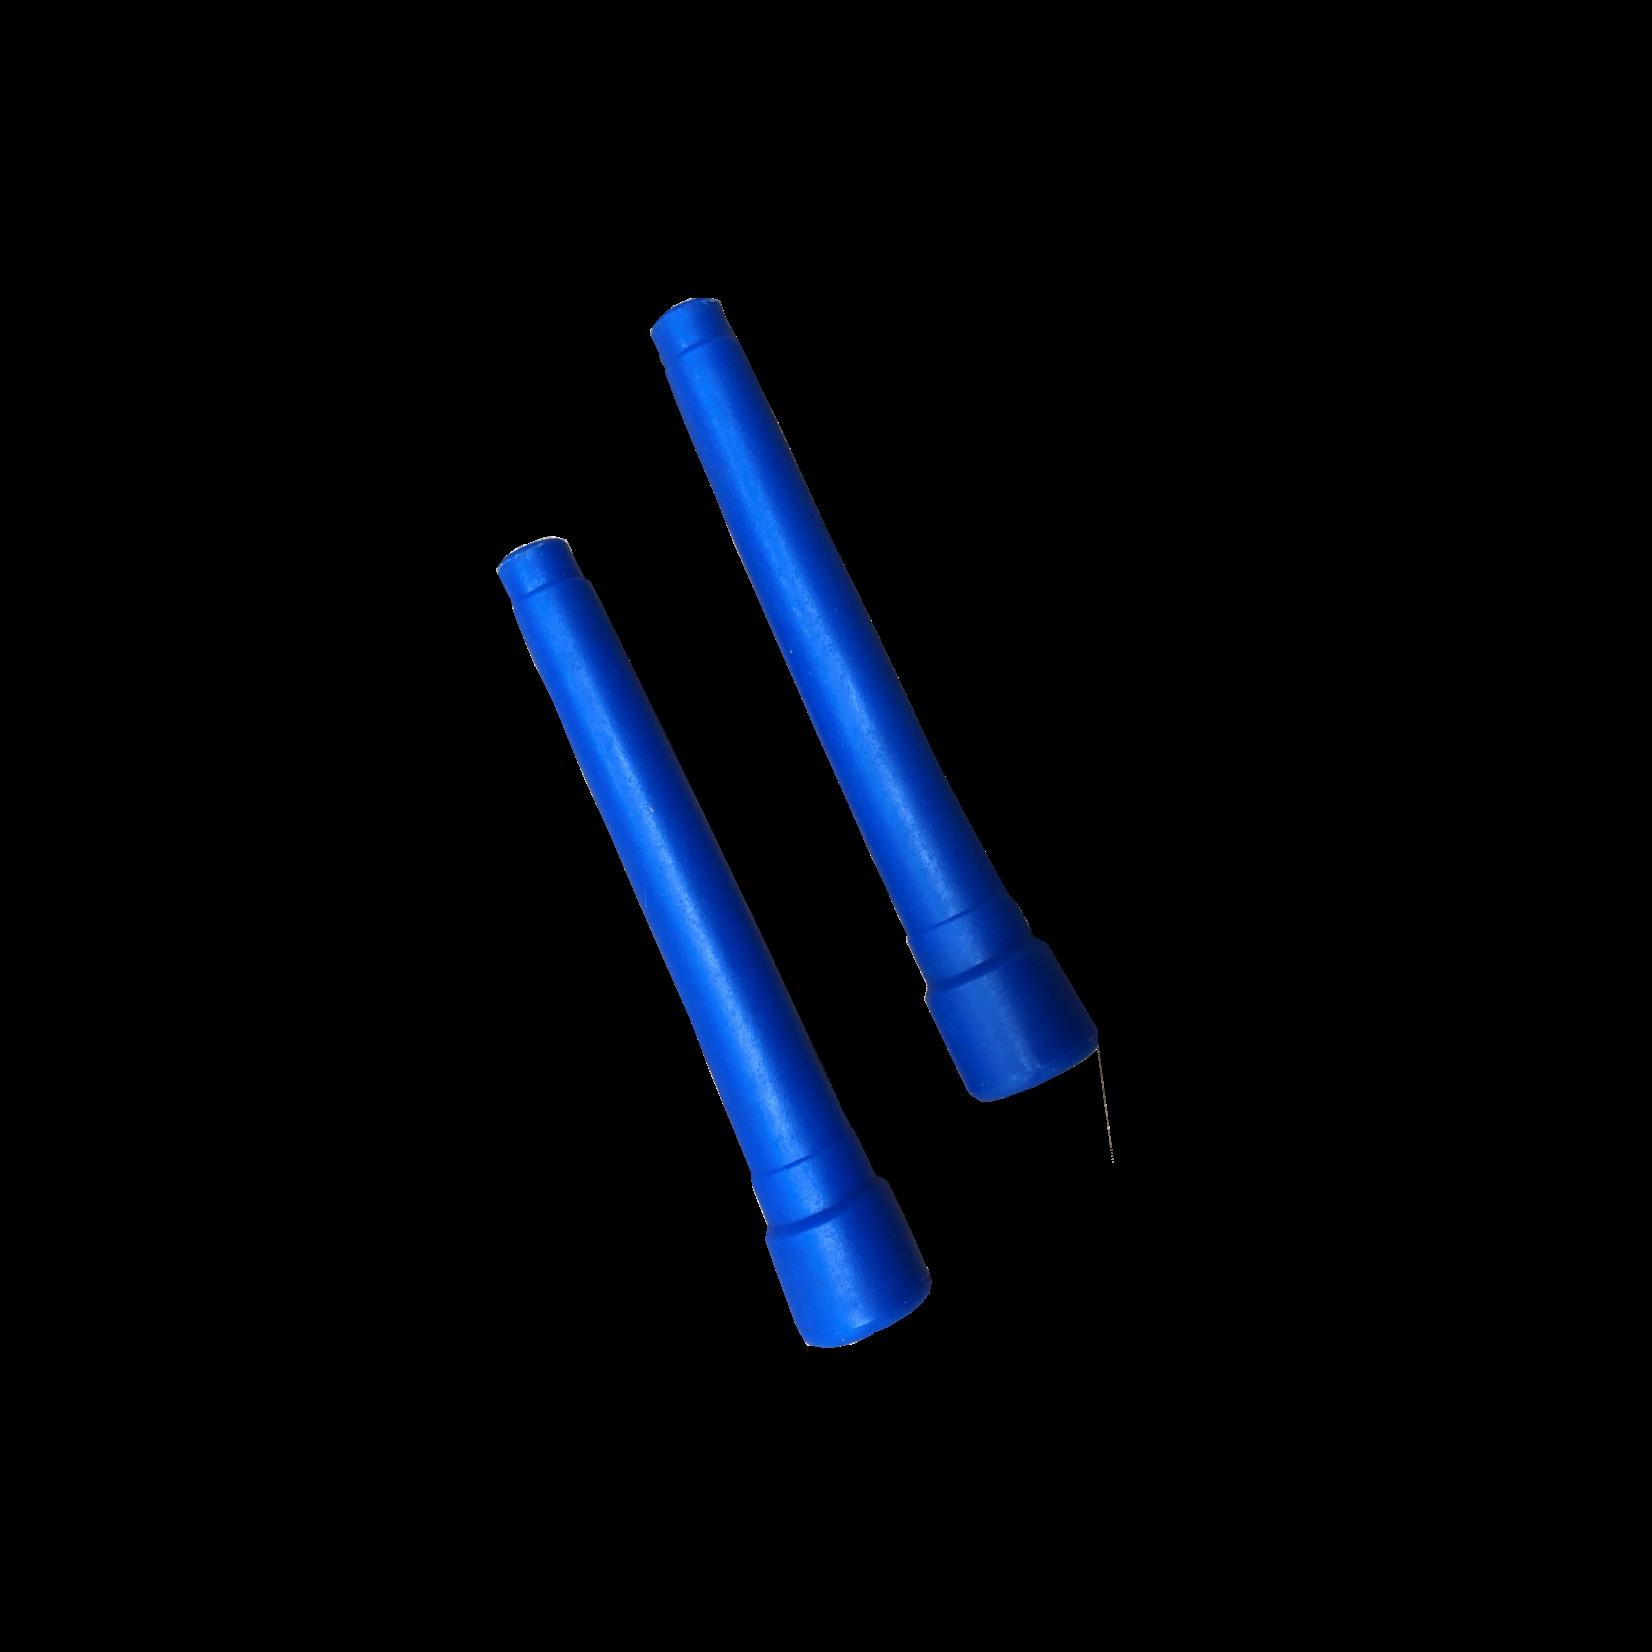 Jobber Ropes Jobber Ropes – Springtouw Nemo oranje/blauw (270 cm)